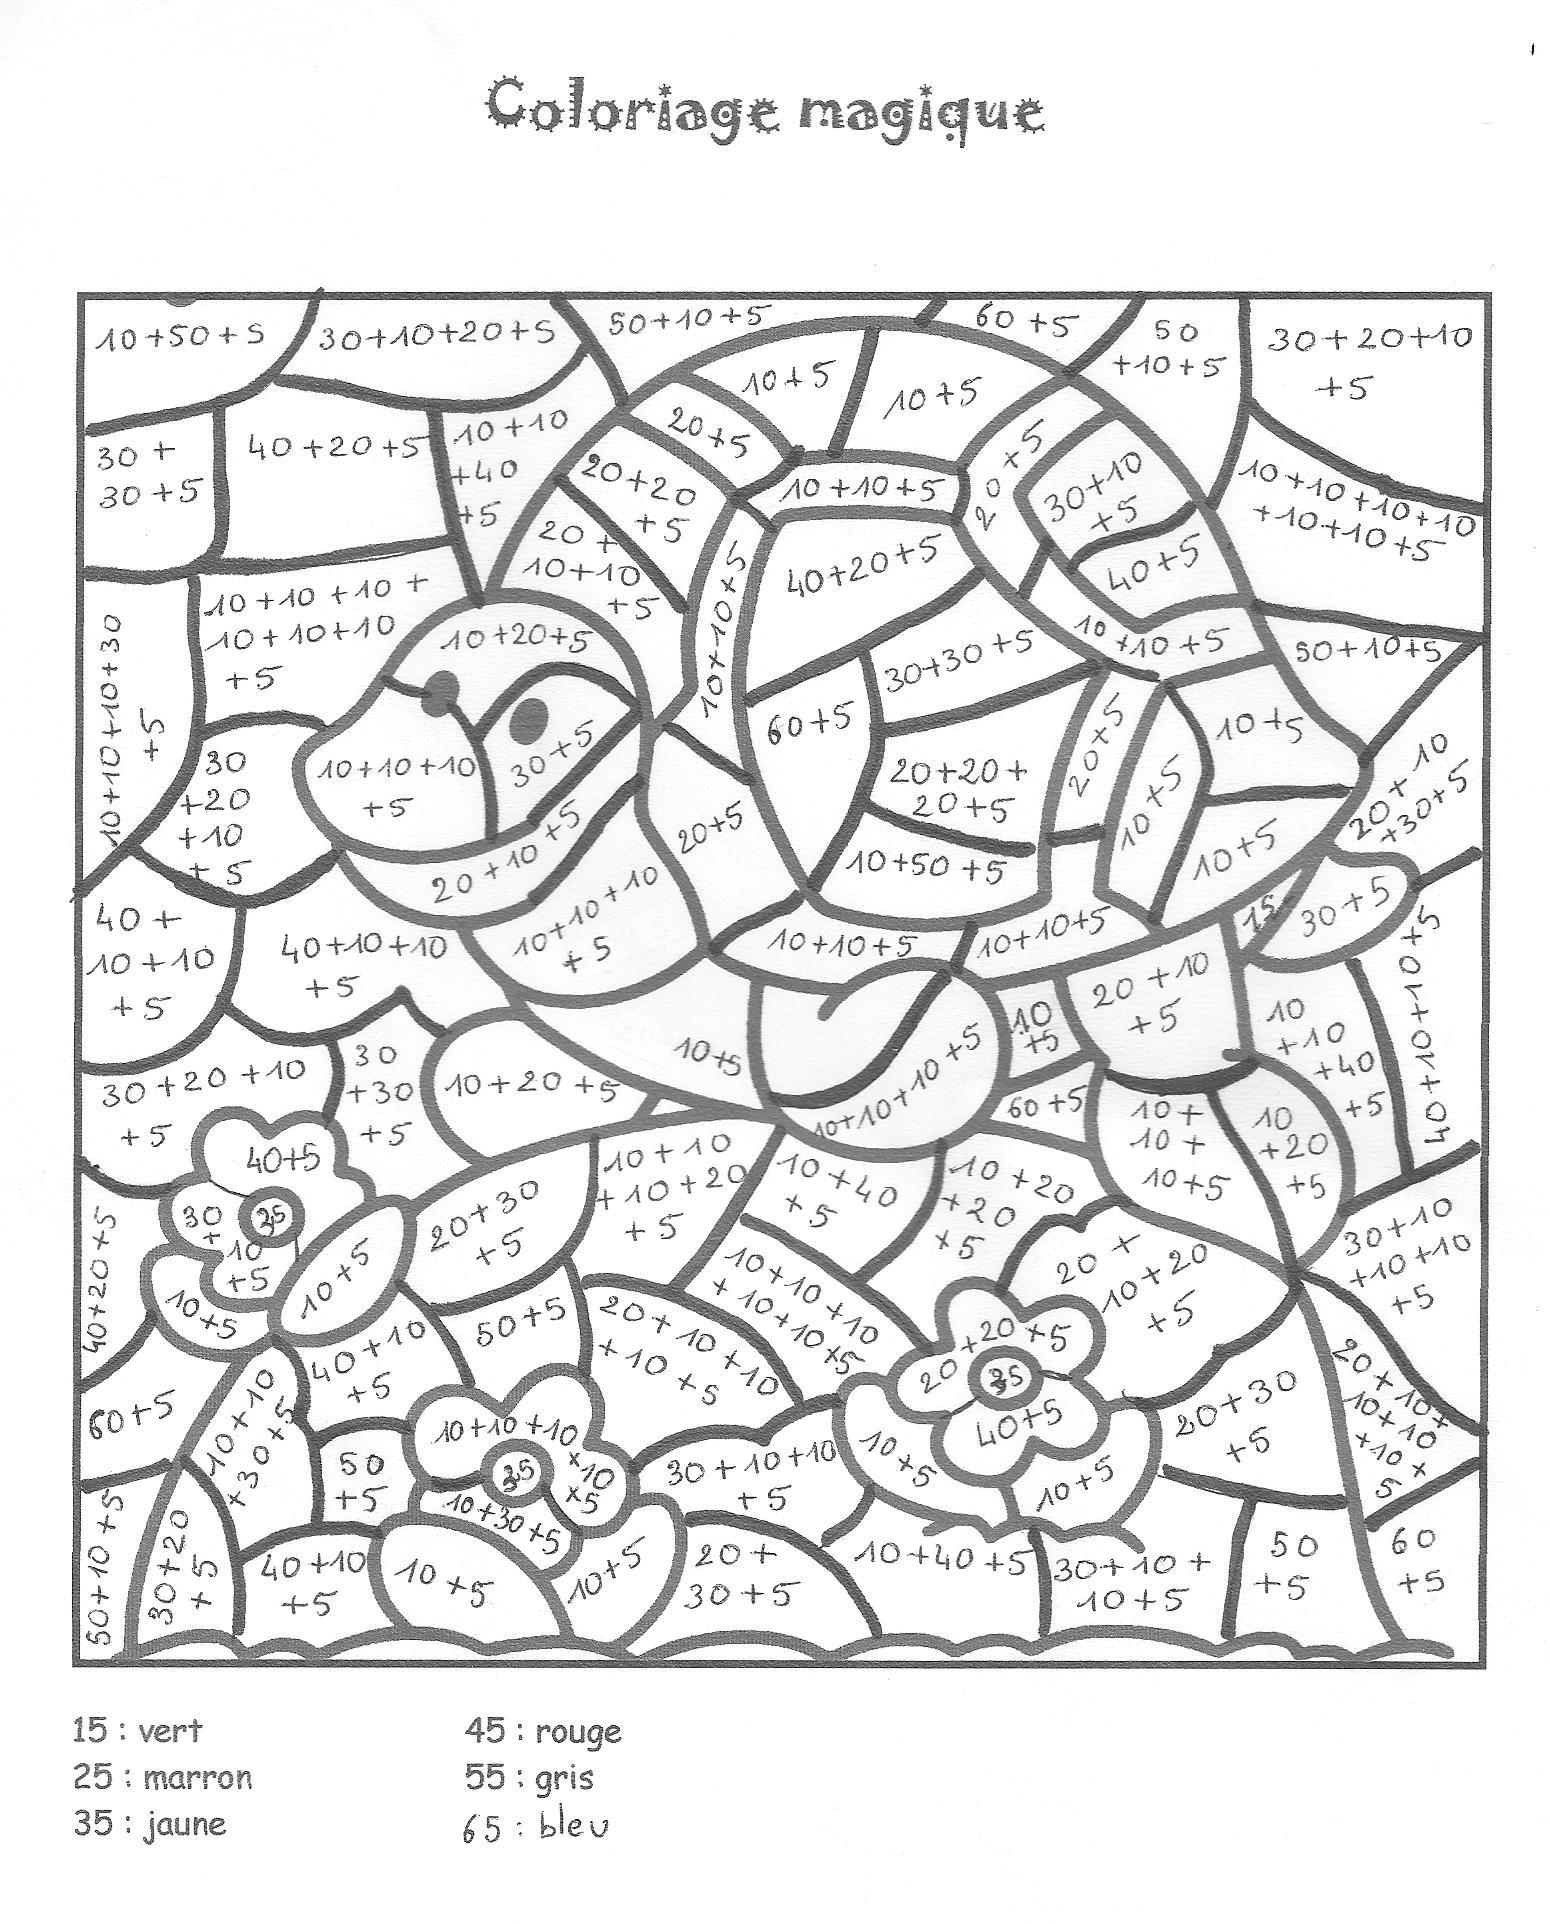 Coloriage204: Coloriage Magique Ce2 Multiplication dedans Coloriage Magique Gratuit